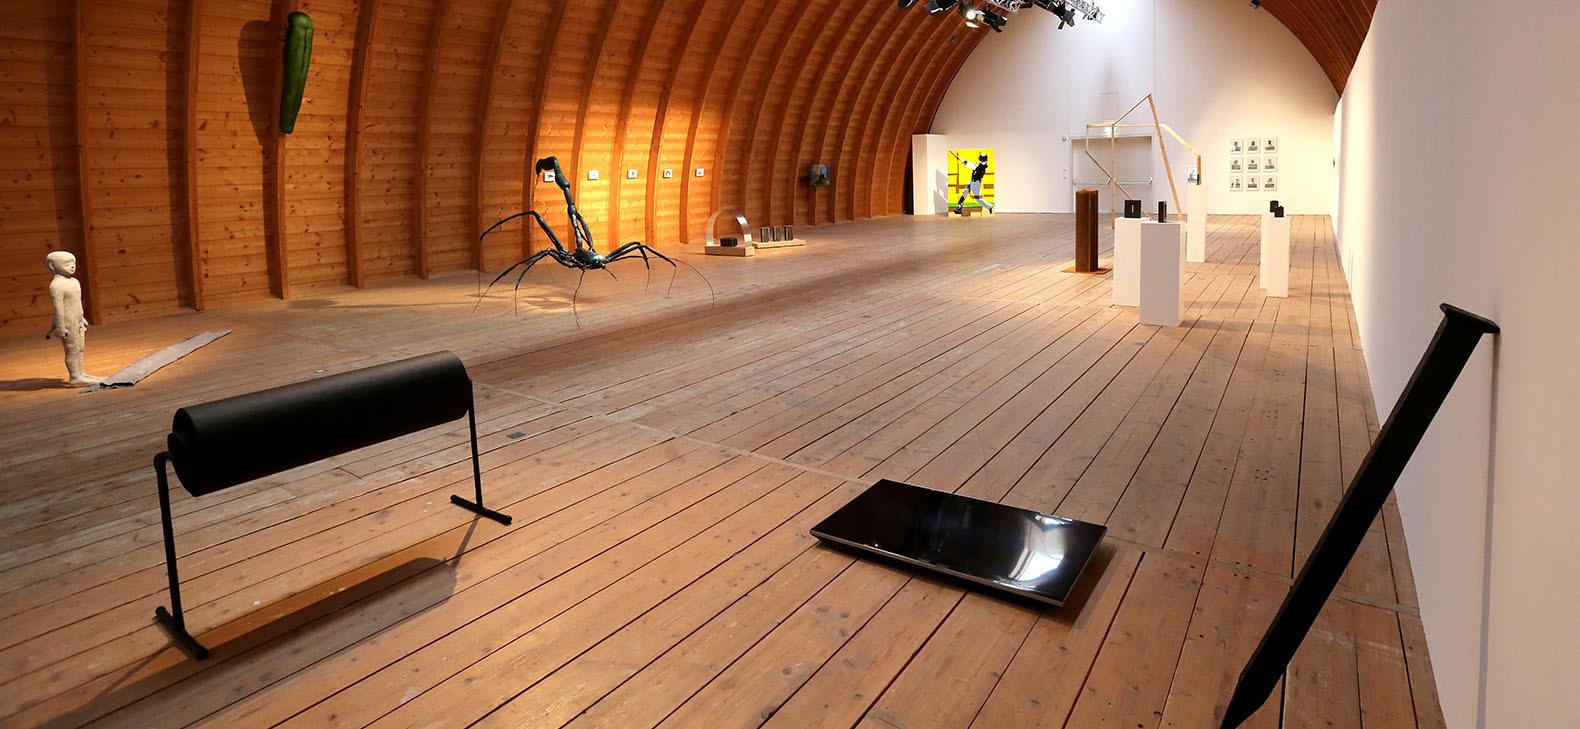 AIR Transfer > Oronsko Ausstellung Wechselspiel